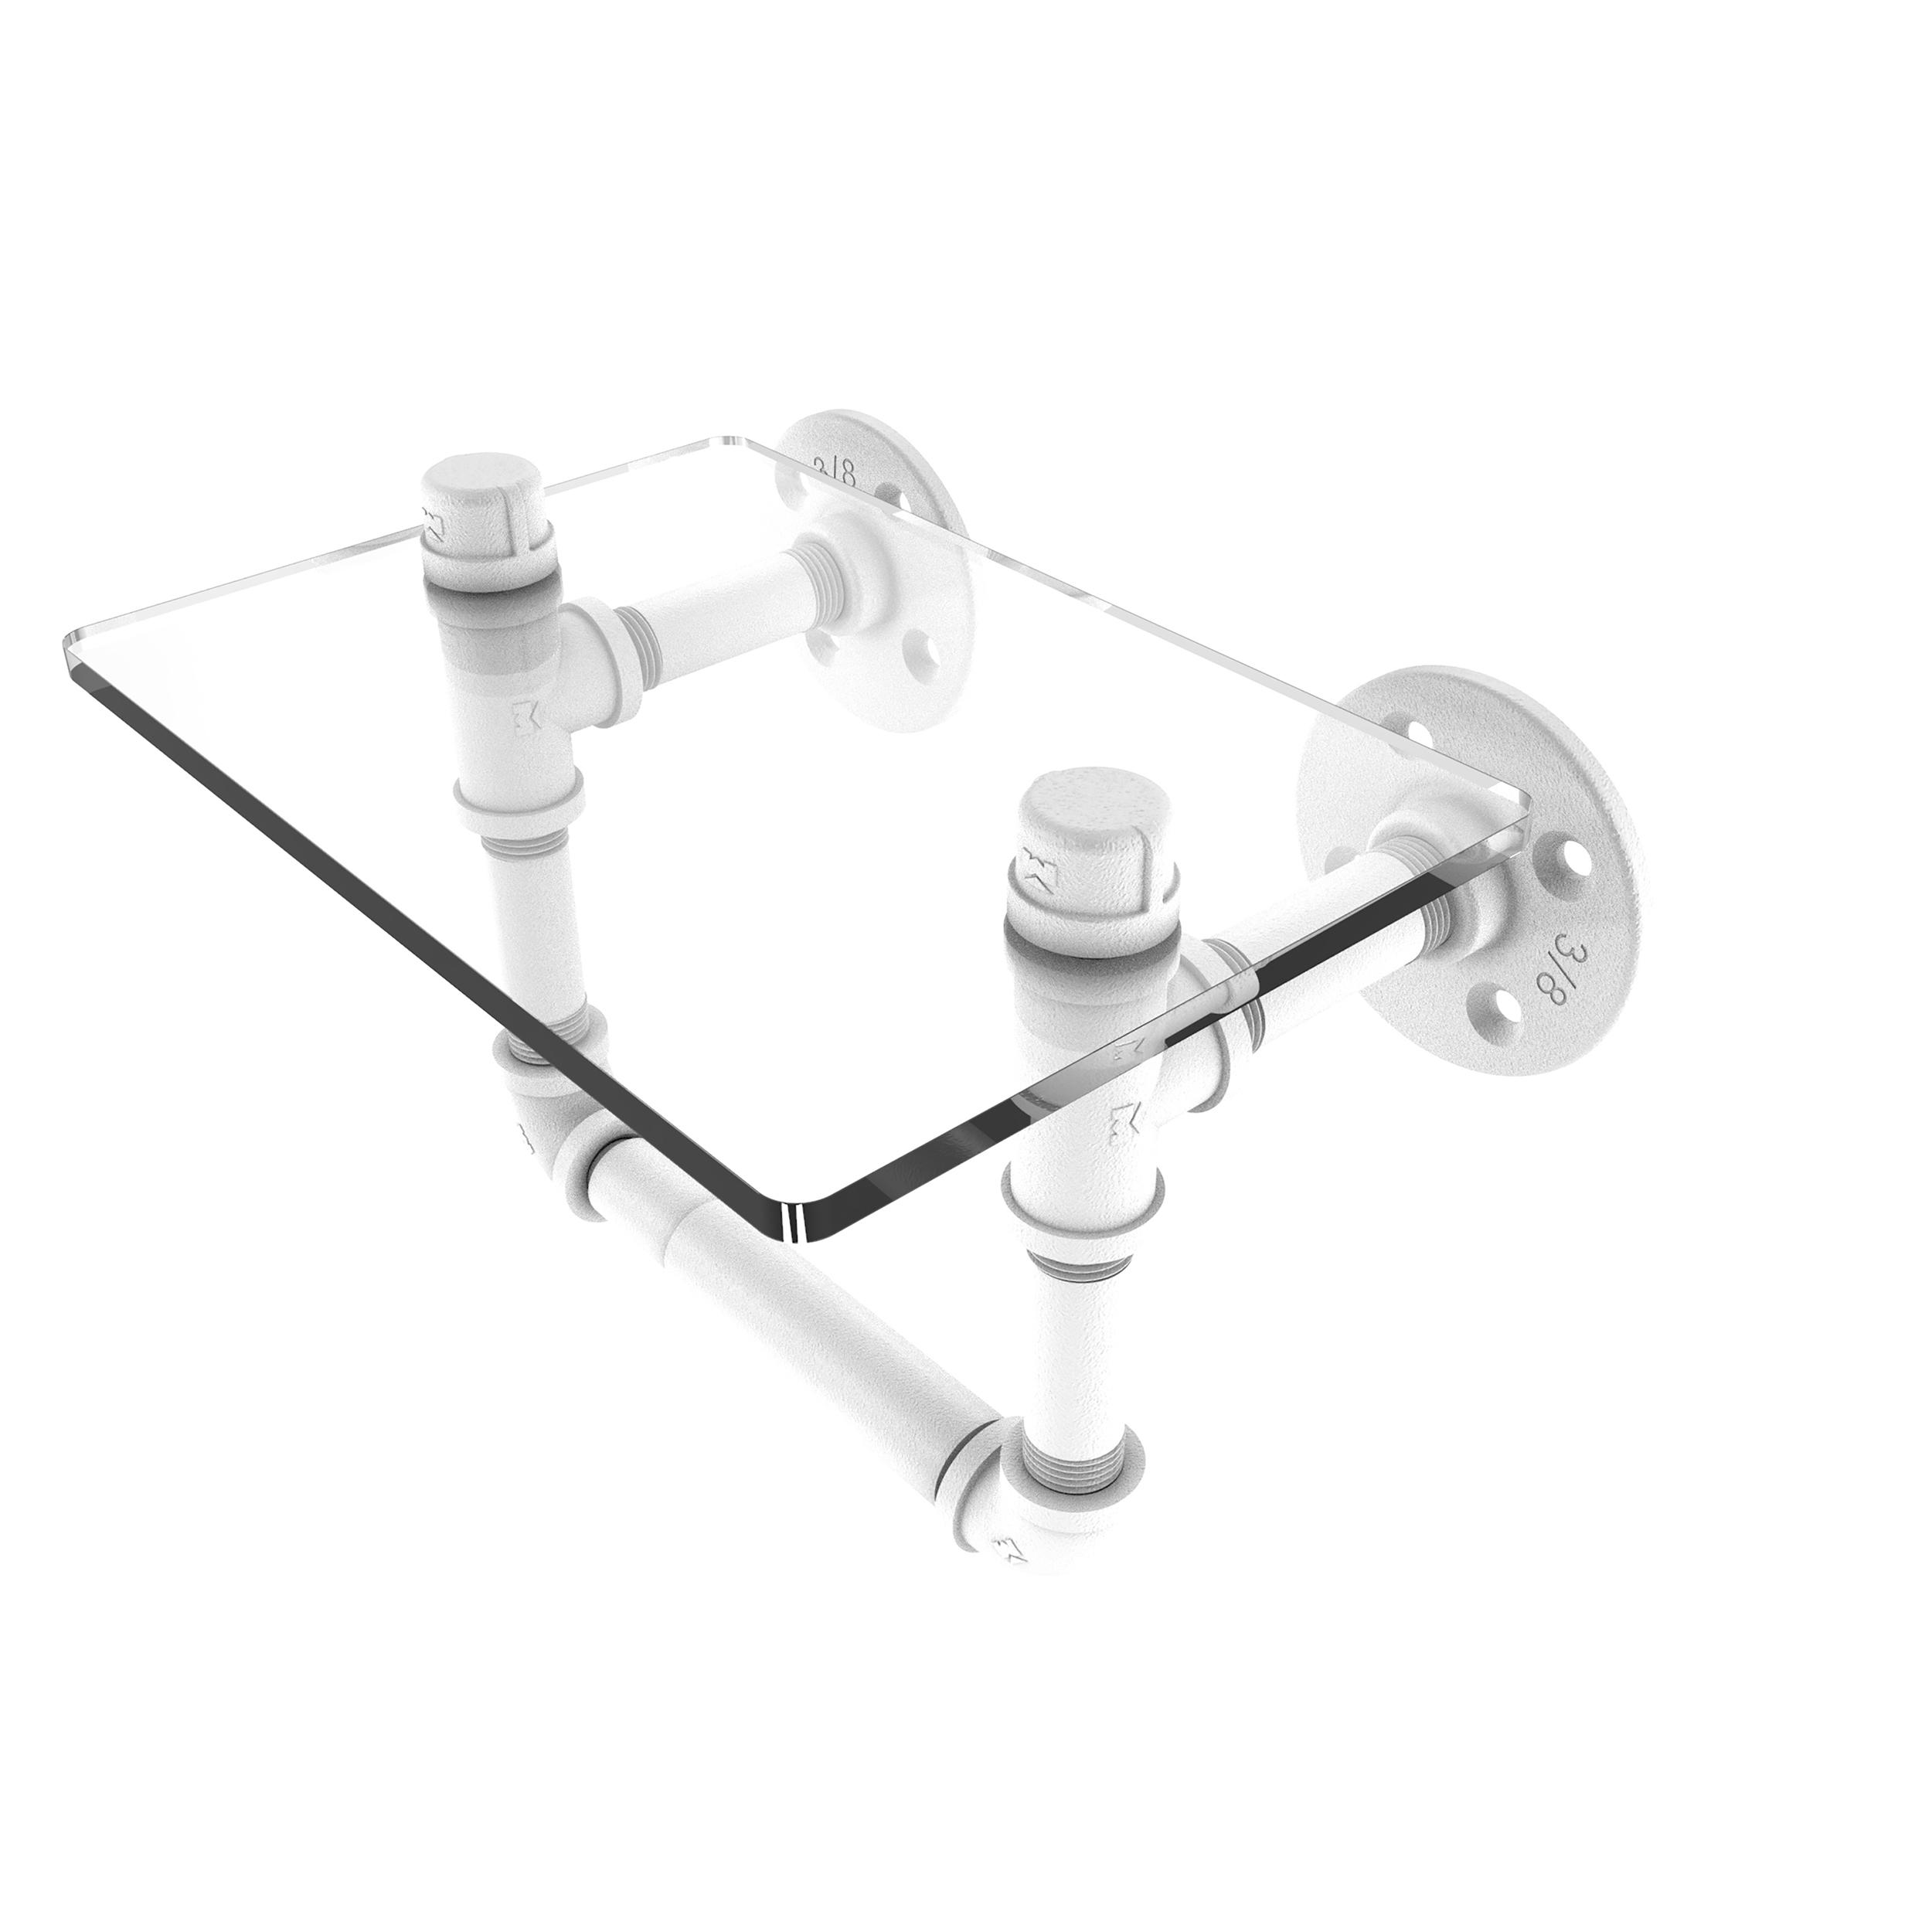 Toilet Tissue Holder with Glass Shelf, Matt White Finish